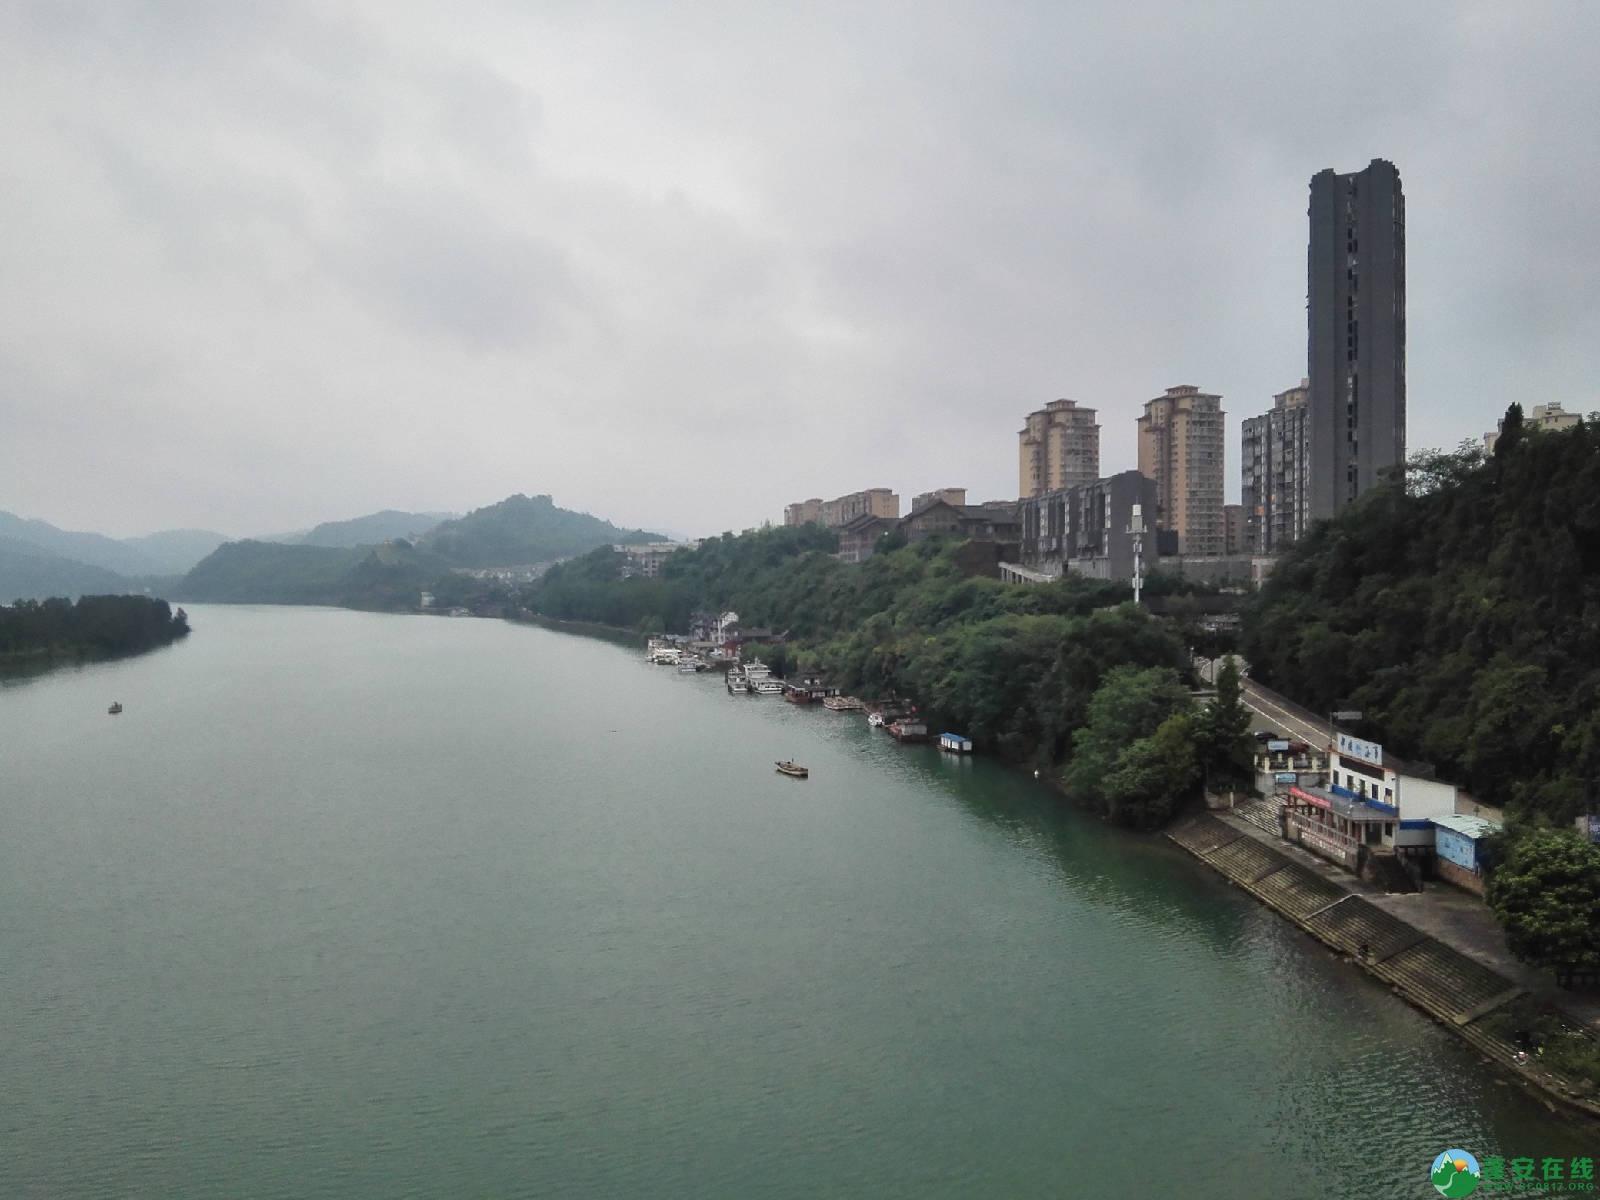 蓬安山水之城 - 第12张  | 蓬安在线